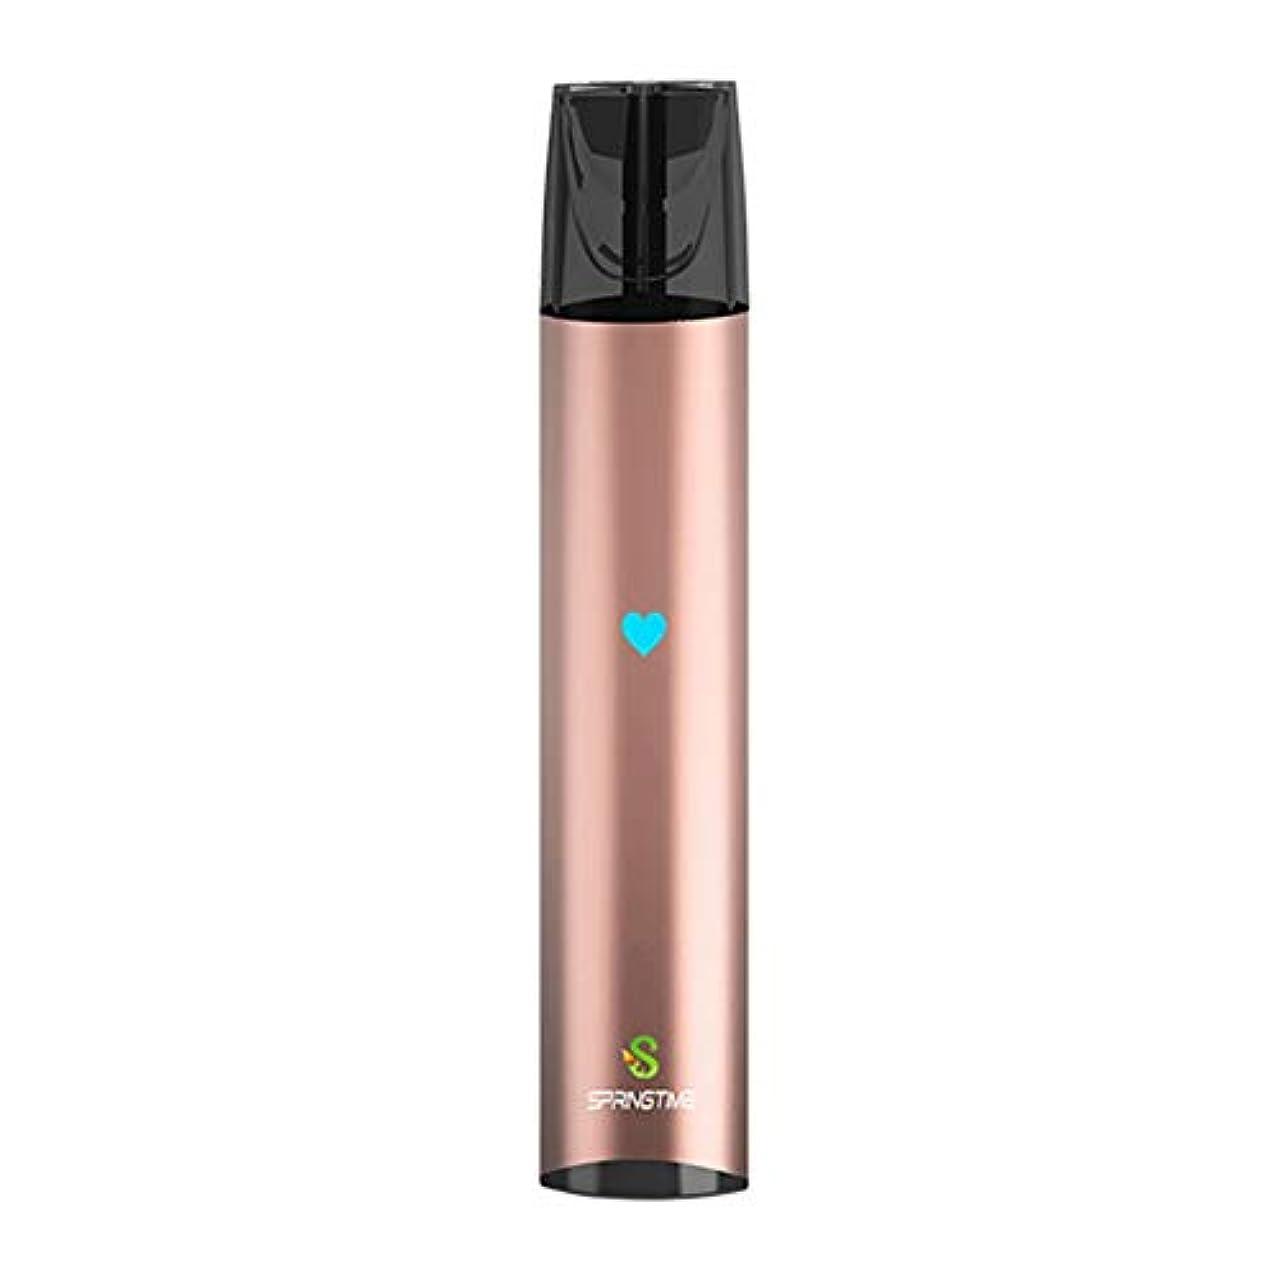 ナースリテラシー克服する電子タバコのアップグレードニコチンなしで小さく平らな煙の爆弾の霧化タバコ